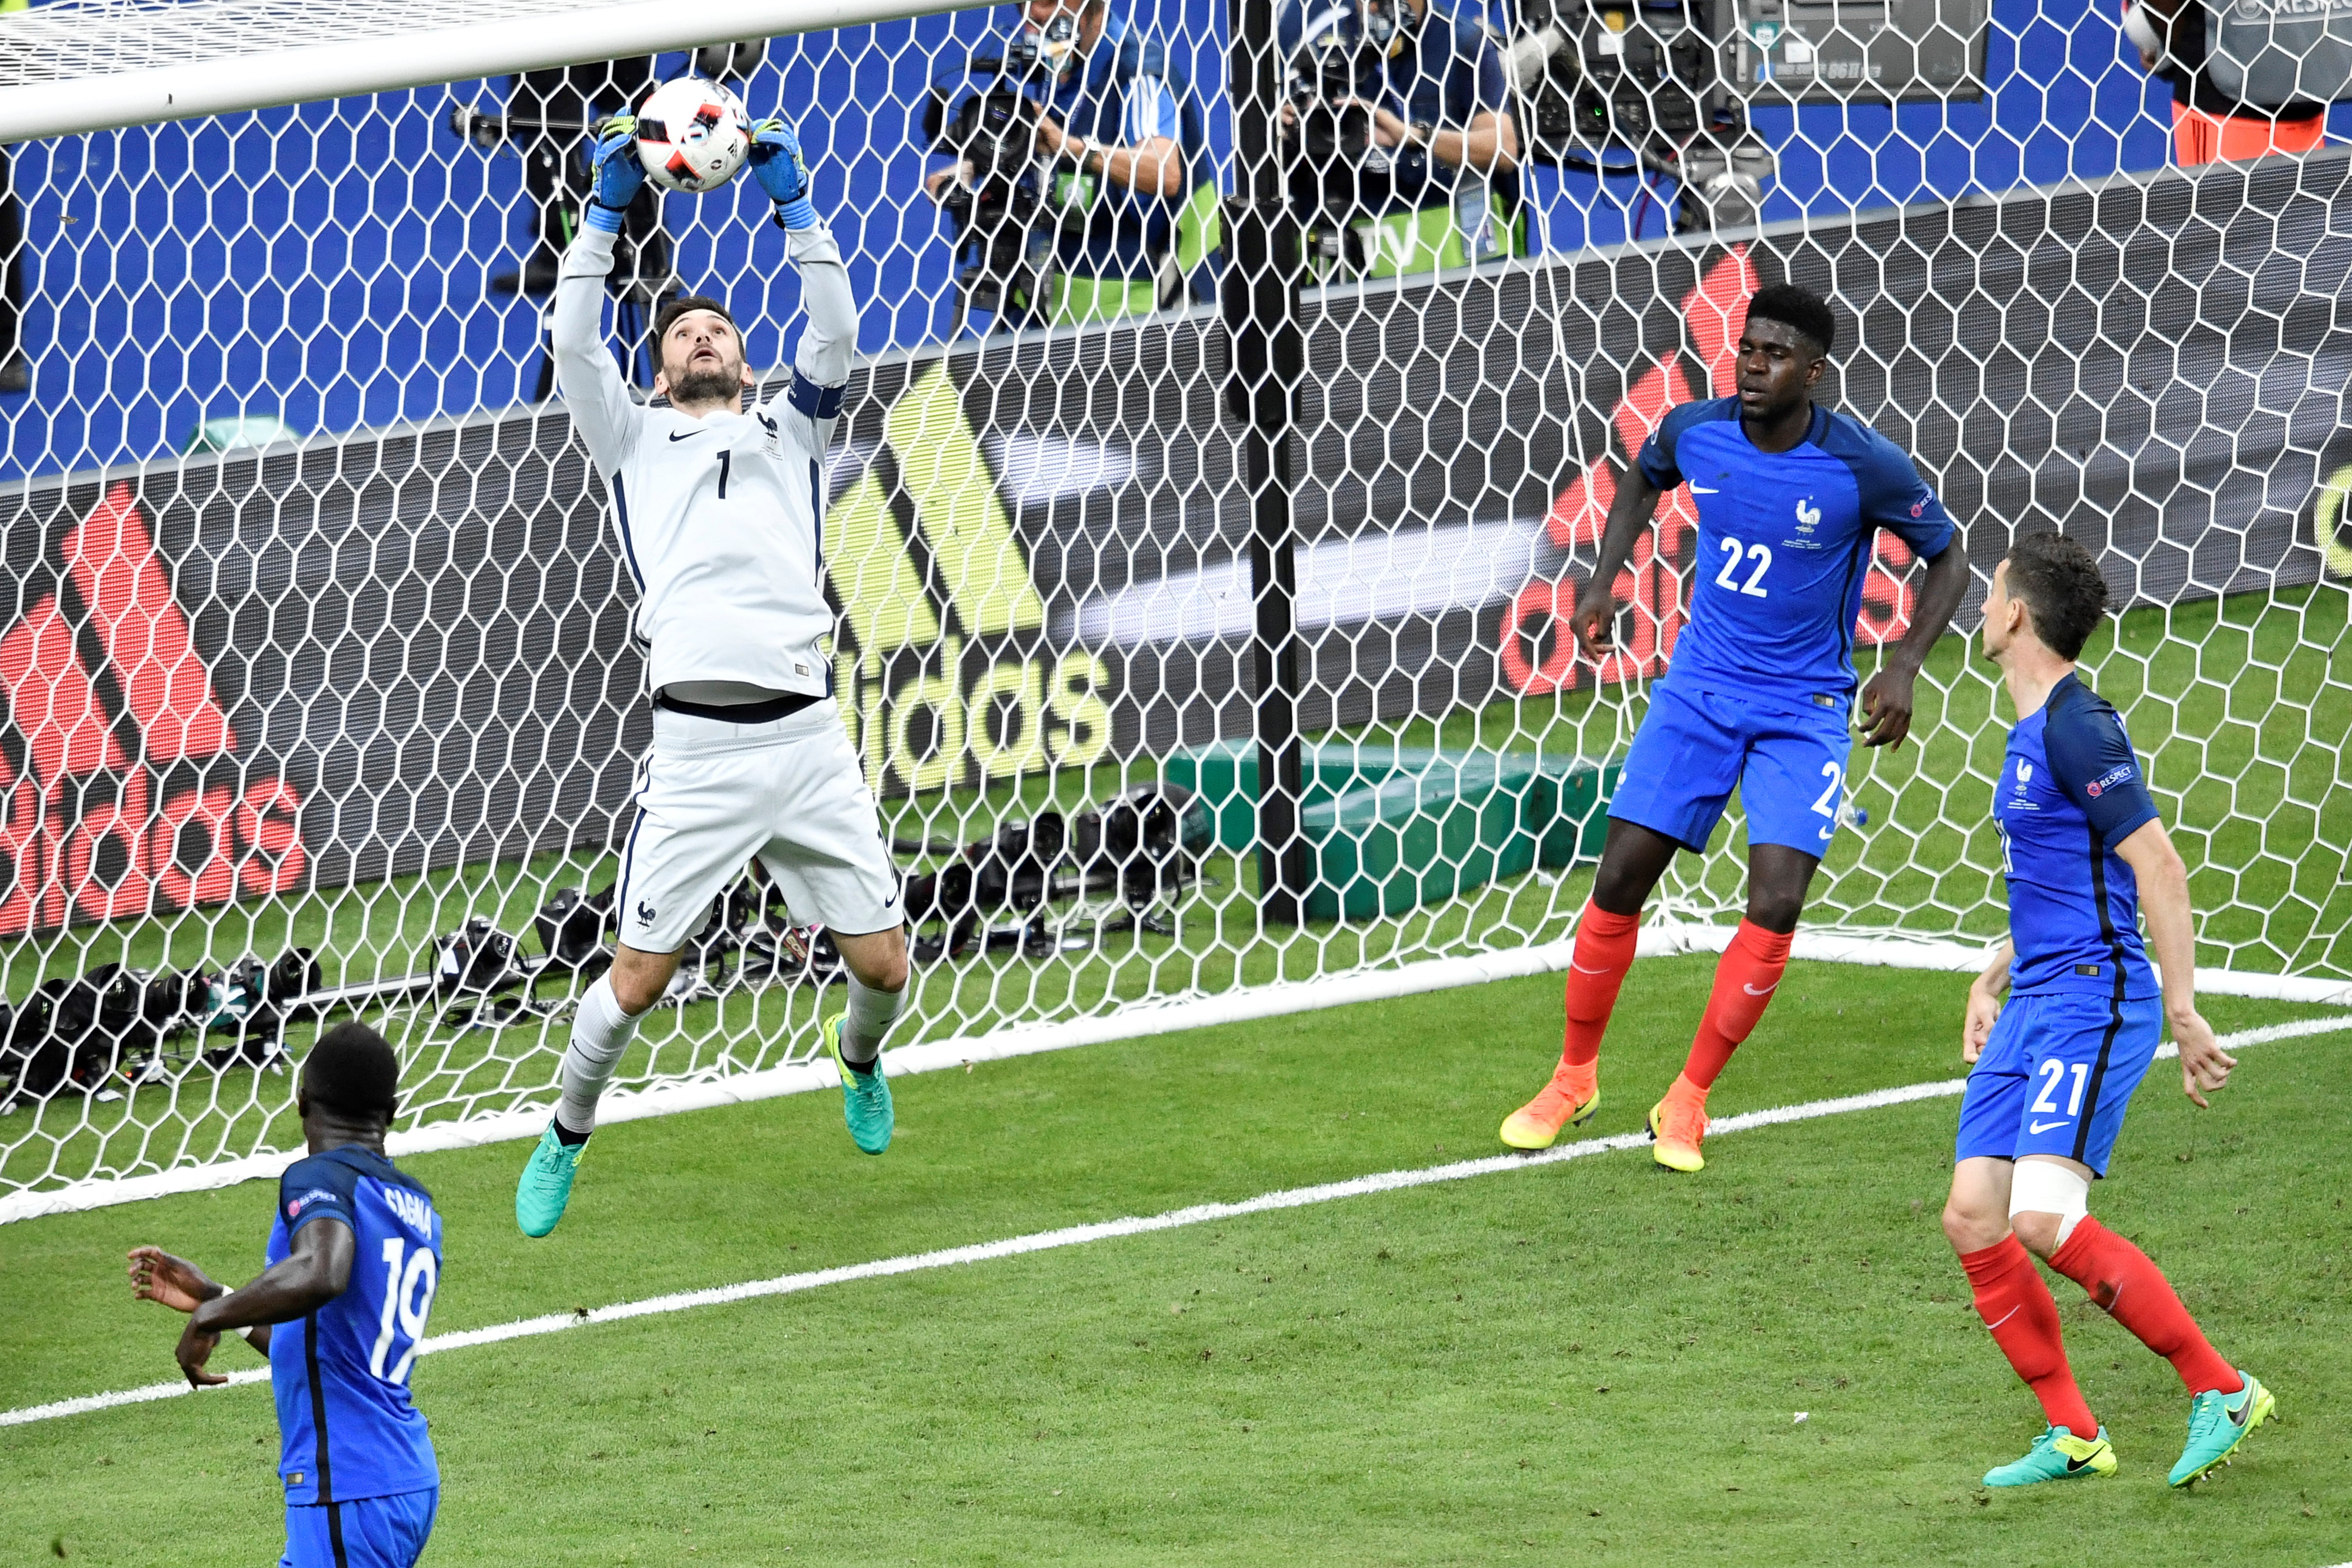 法國門將洛里斯跳起來接住葡萄牙隊的射門。(PHILIPPE LOPEZ/AFP)